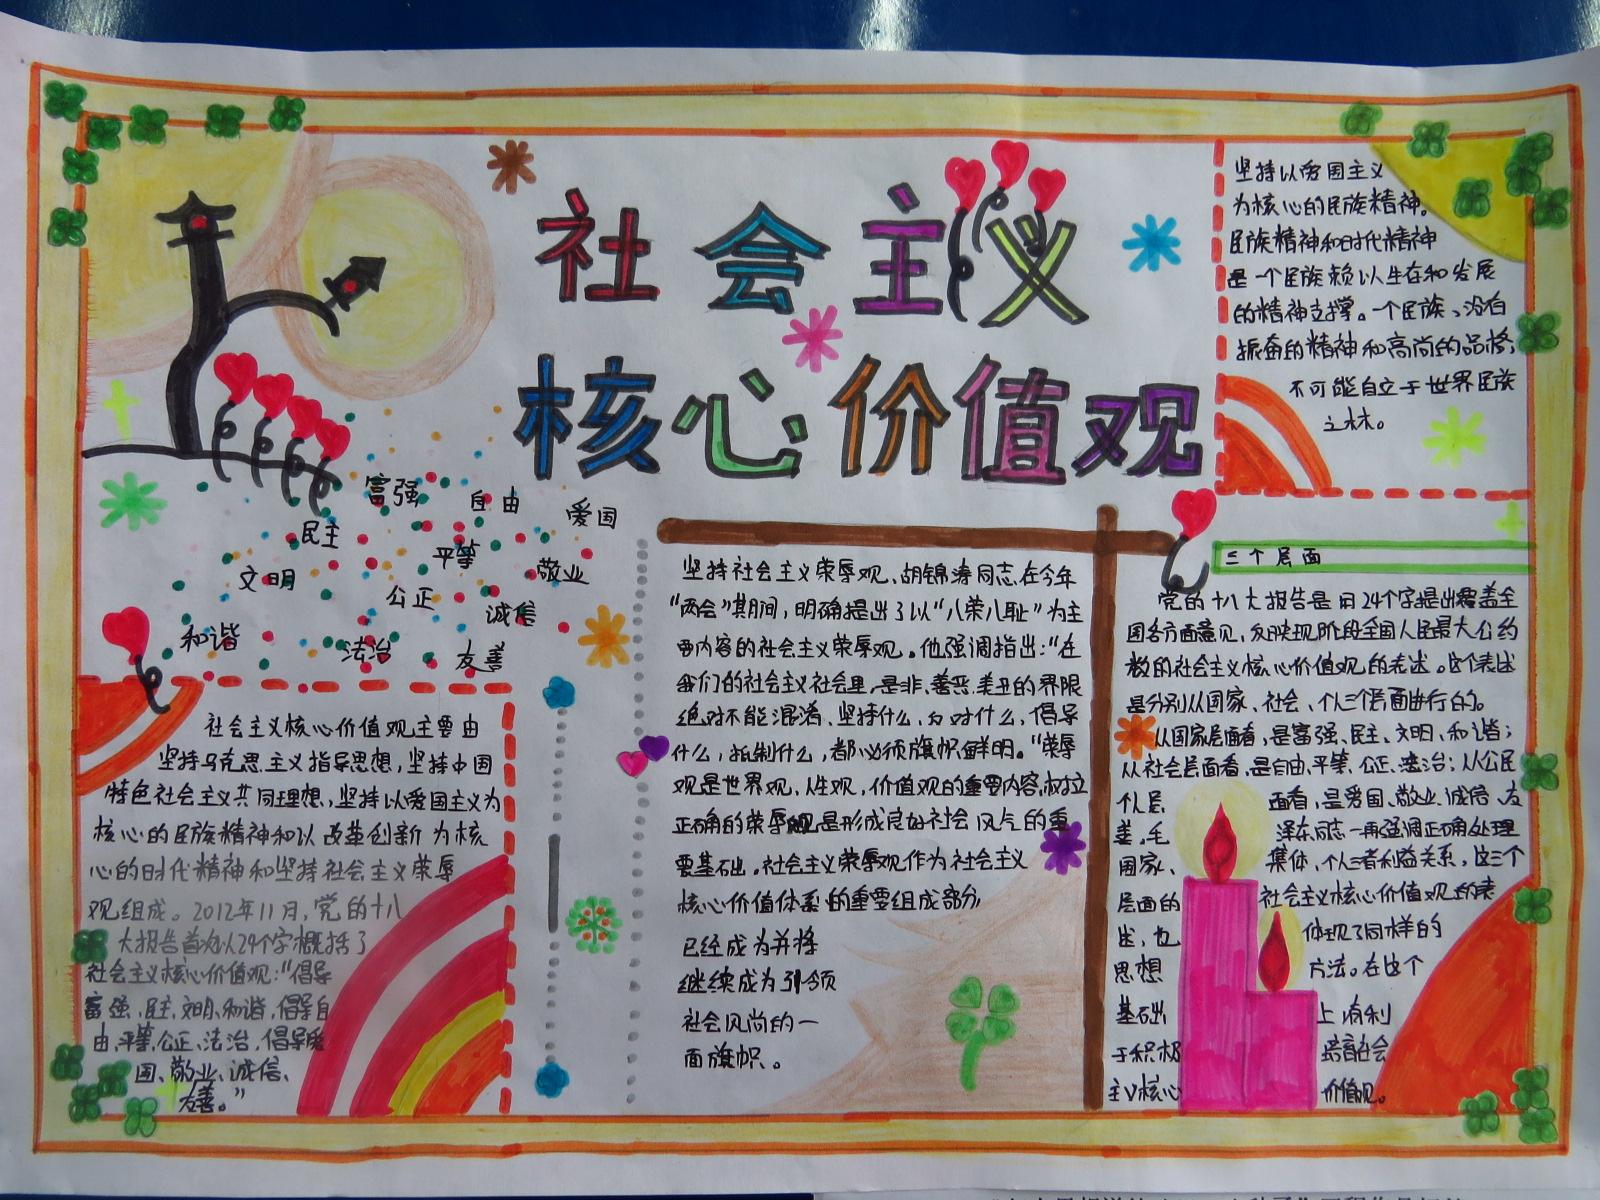 """核心价值观手抄报 - 2014各地""""六一""""精彩活动汇总"""